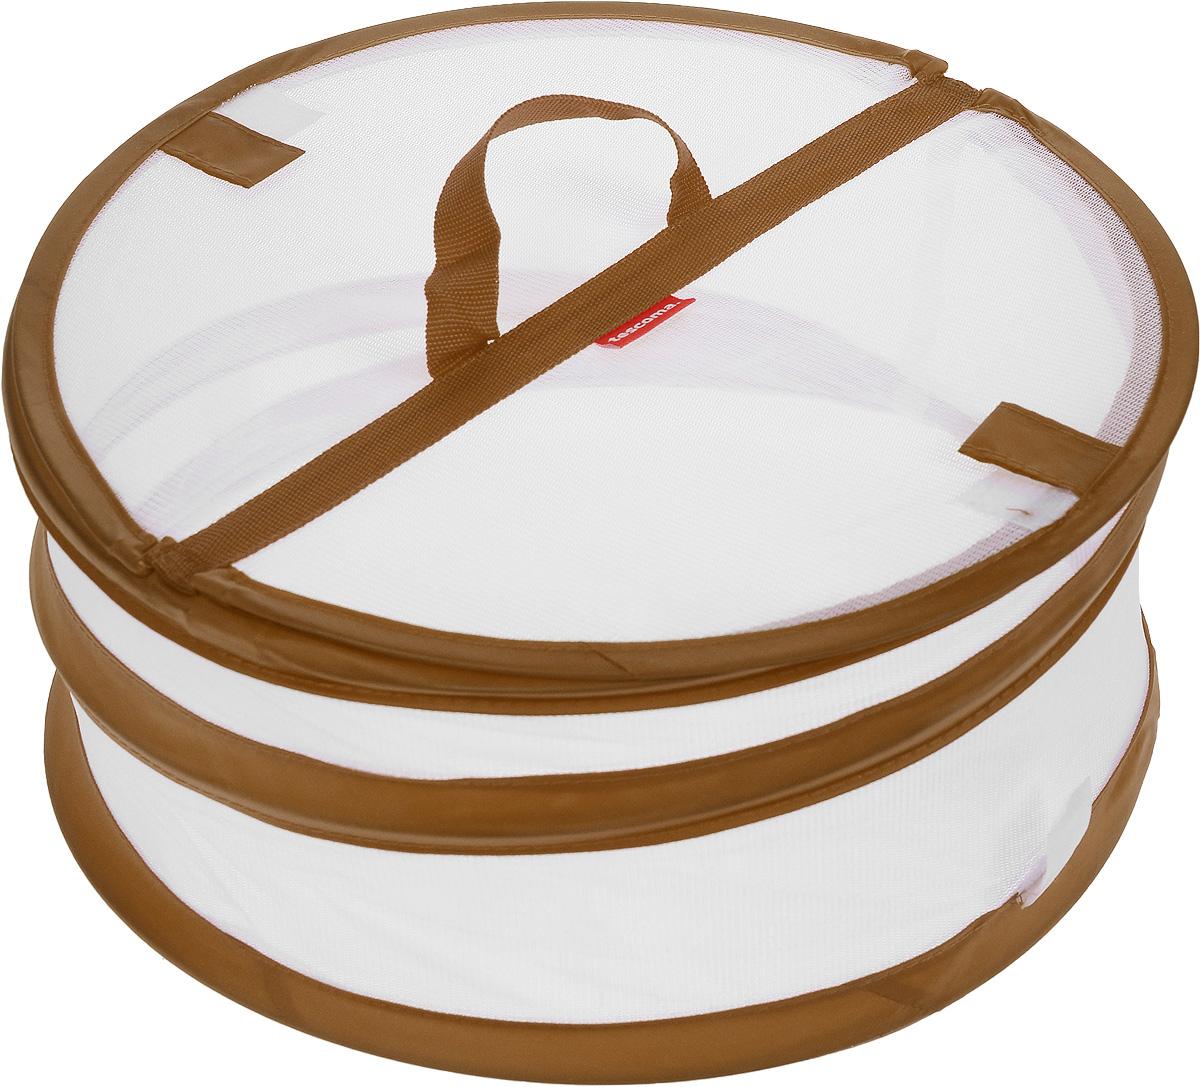 Крышка для пищевых продуктов Tescoma Delicia, складная, цвет: белый, коричневый, диаметр 30 см115510Крышка для пищевых продуктов Tescoma Delicia защитит еду от пыли и насекомых дома и на открытом воздухе. Крышка изготовлена из сетчатого текстиля и оснащена гибким металлическим каркасом. Просто составьте посуду с едой и накройте ее крышкой. Для легкого доступа изделие снабжено откидным верхом на липучке. Крышка легко складывается и раскладывается, при хранении занимает минимум пространства.Высота в разложенном виде: 15 см.Высота в сложенном виде: 1 см.